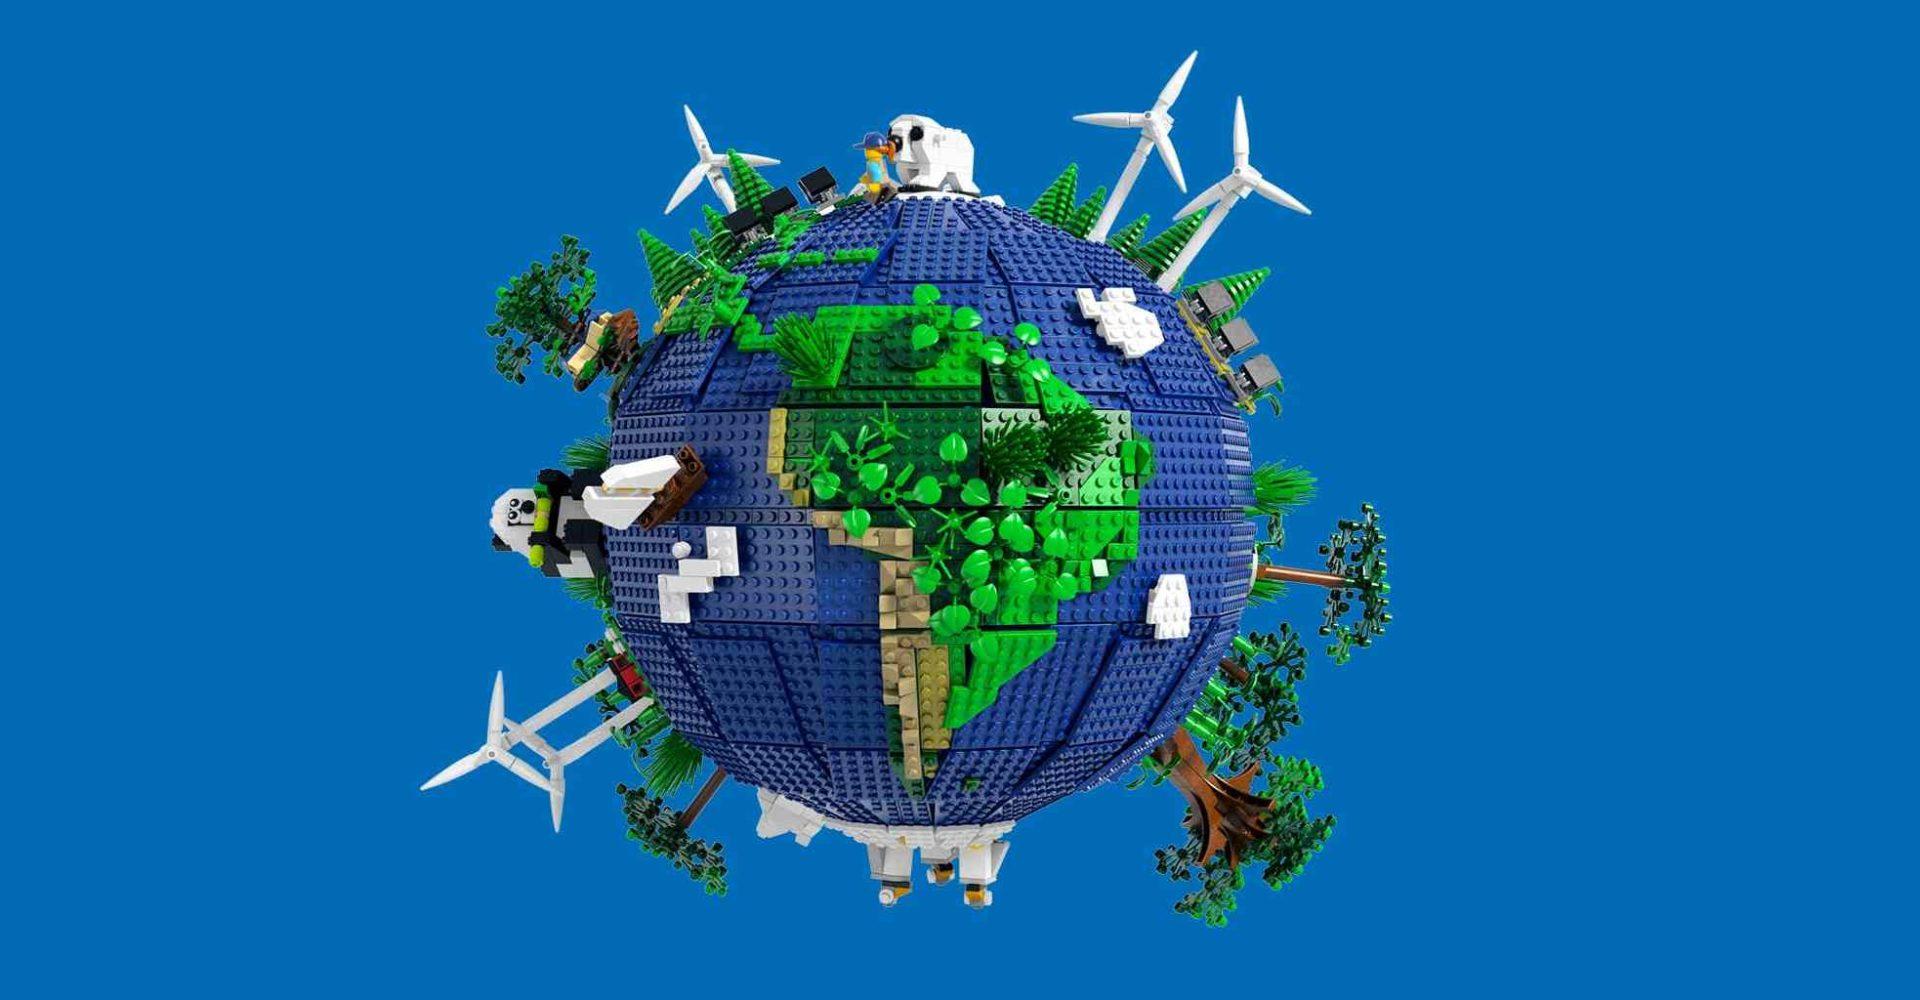 Lego compie 60 anni! La sostenibilità come nuova sfida ...